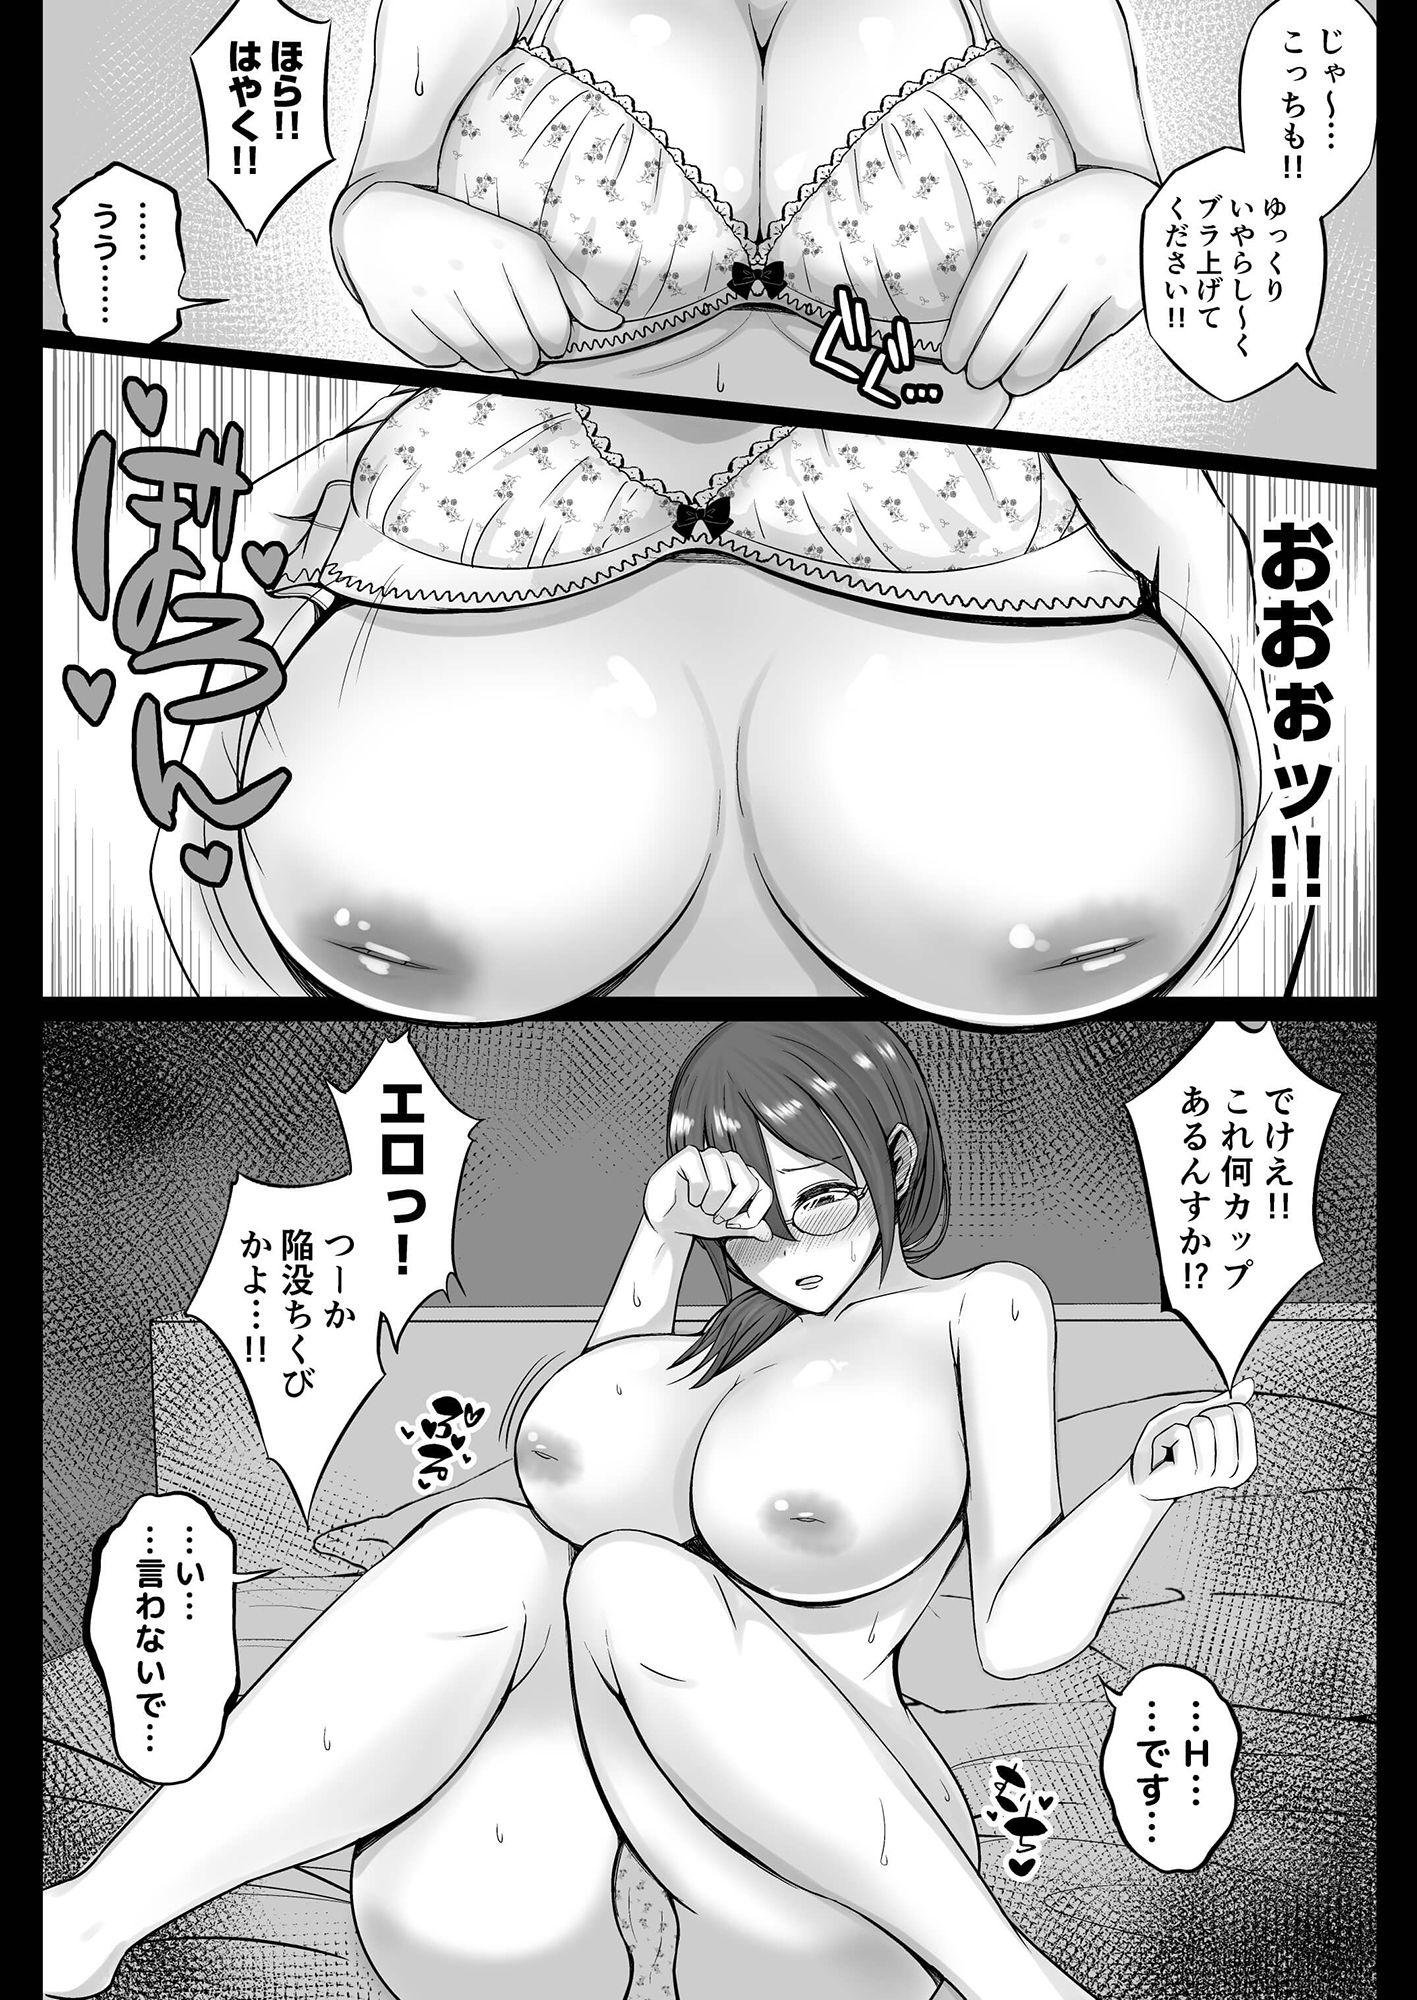 【エロ漫画無料大全集】【NTR人妻】新婚1年目の巨乳主婦が隣に住んでる男に寝取られて…